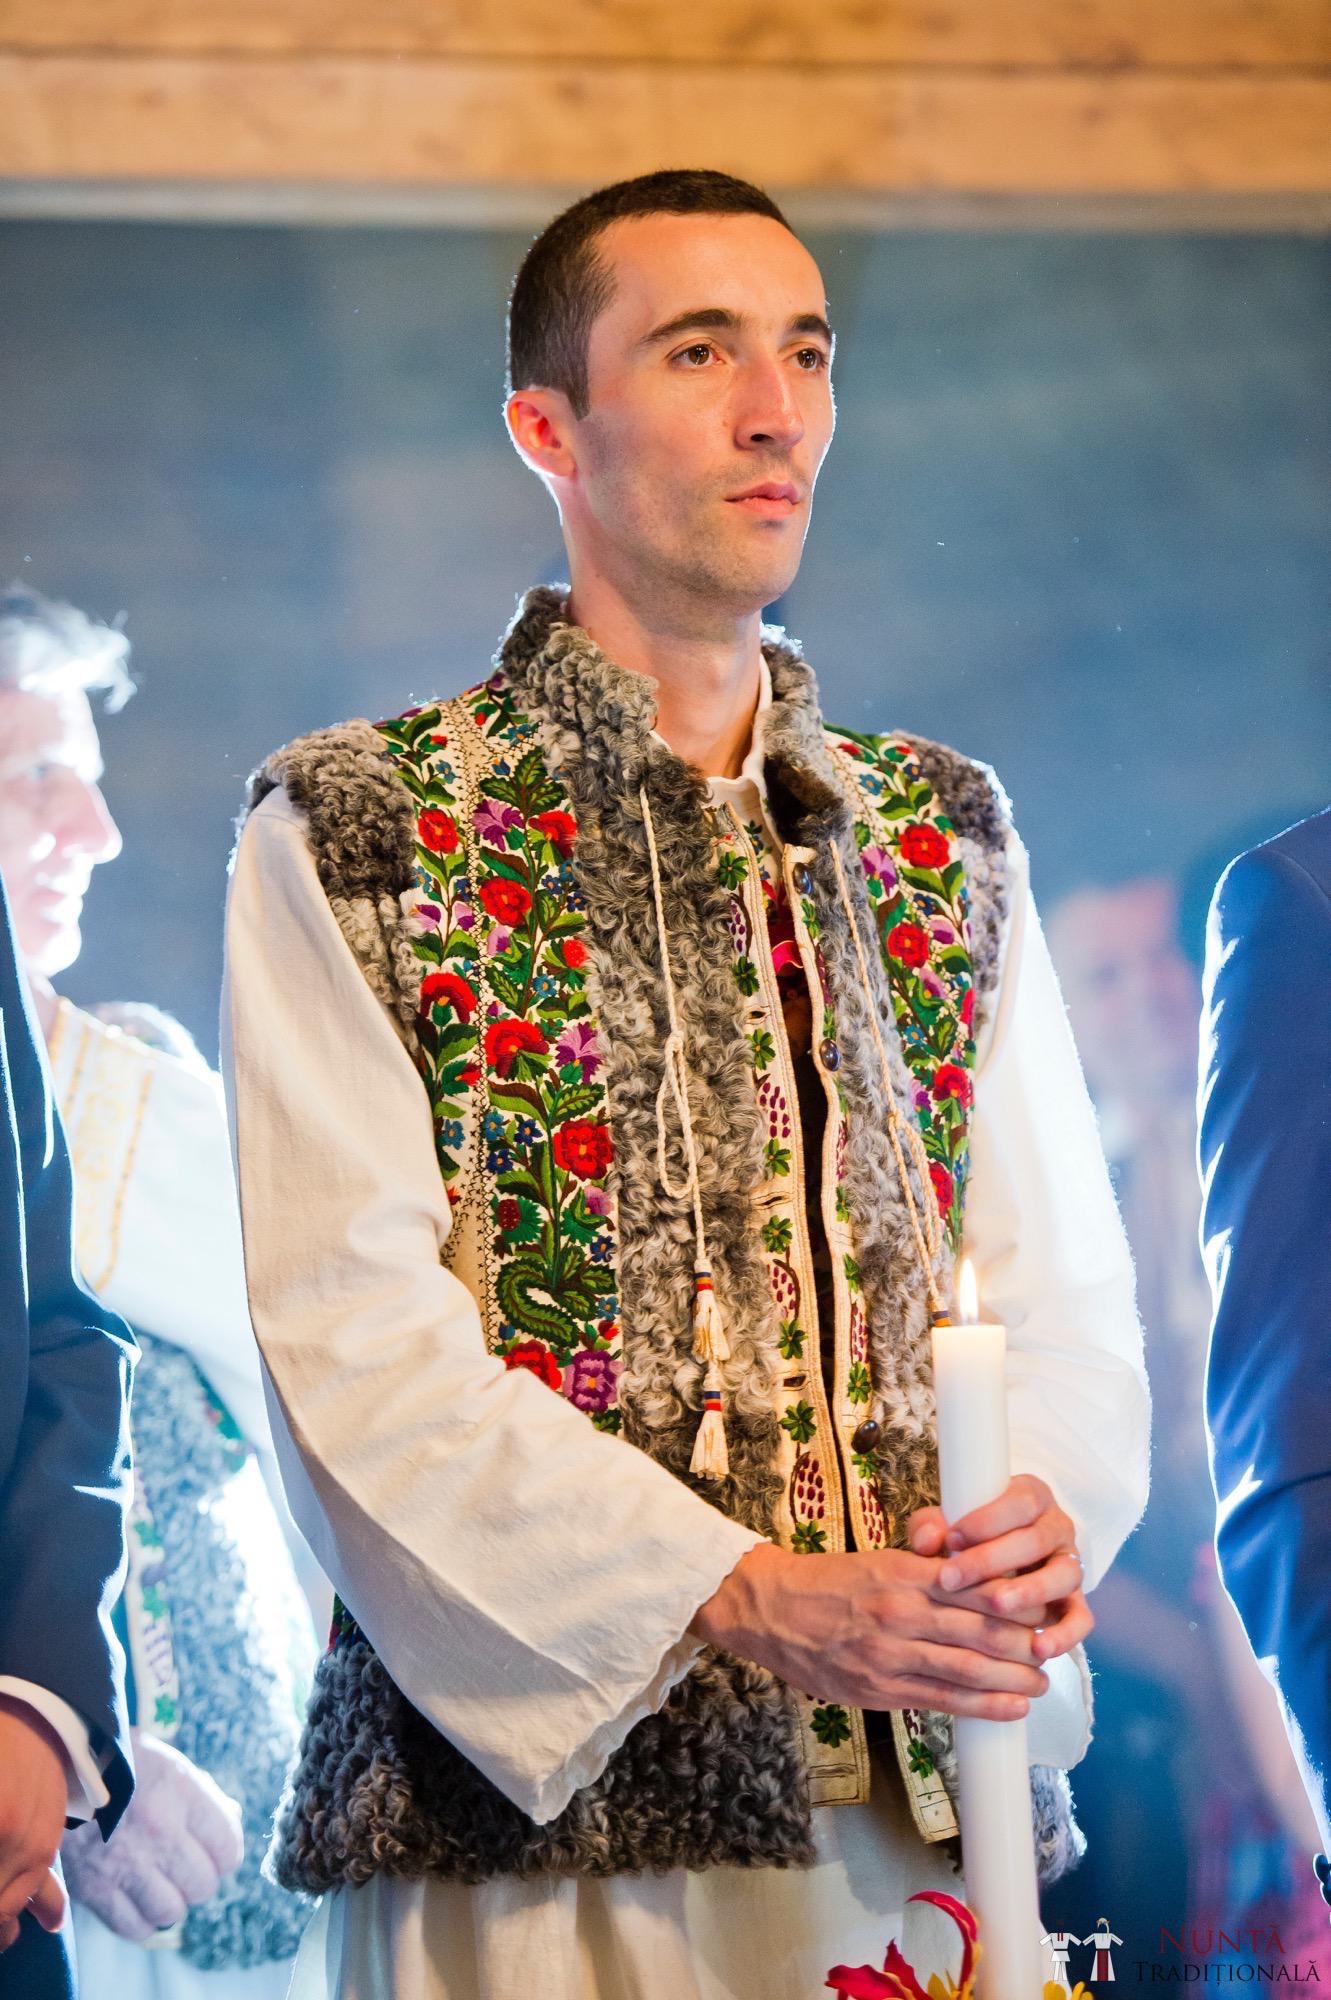 Povești Nunți Tradiționale - Gabriela și Mădălin - Nuntă Tradițională în Suceava, Bucovina 60